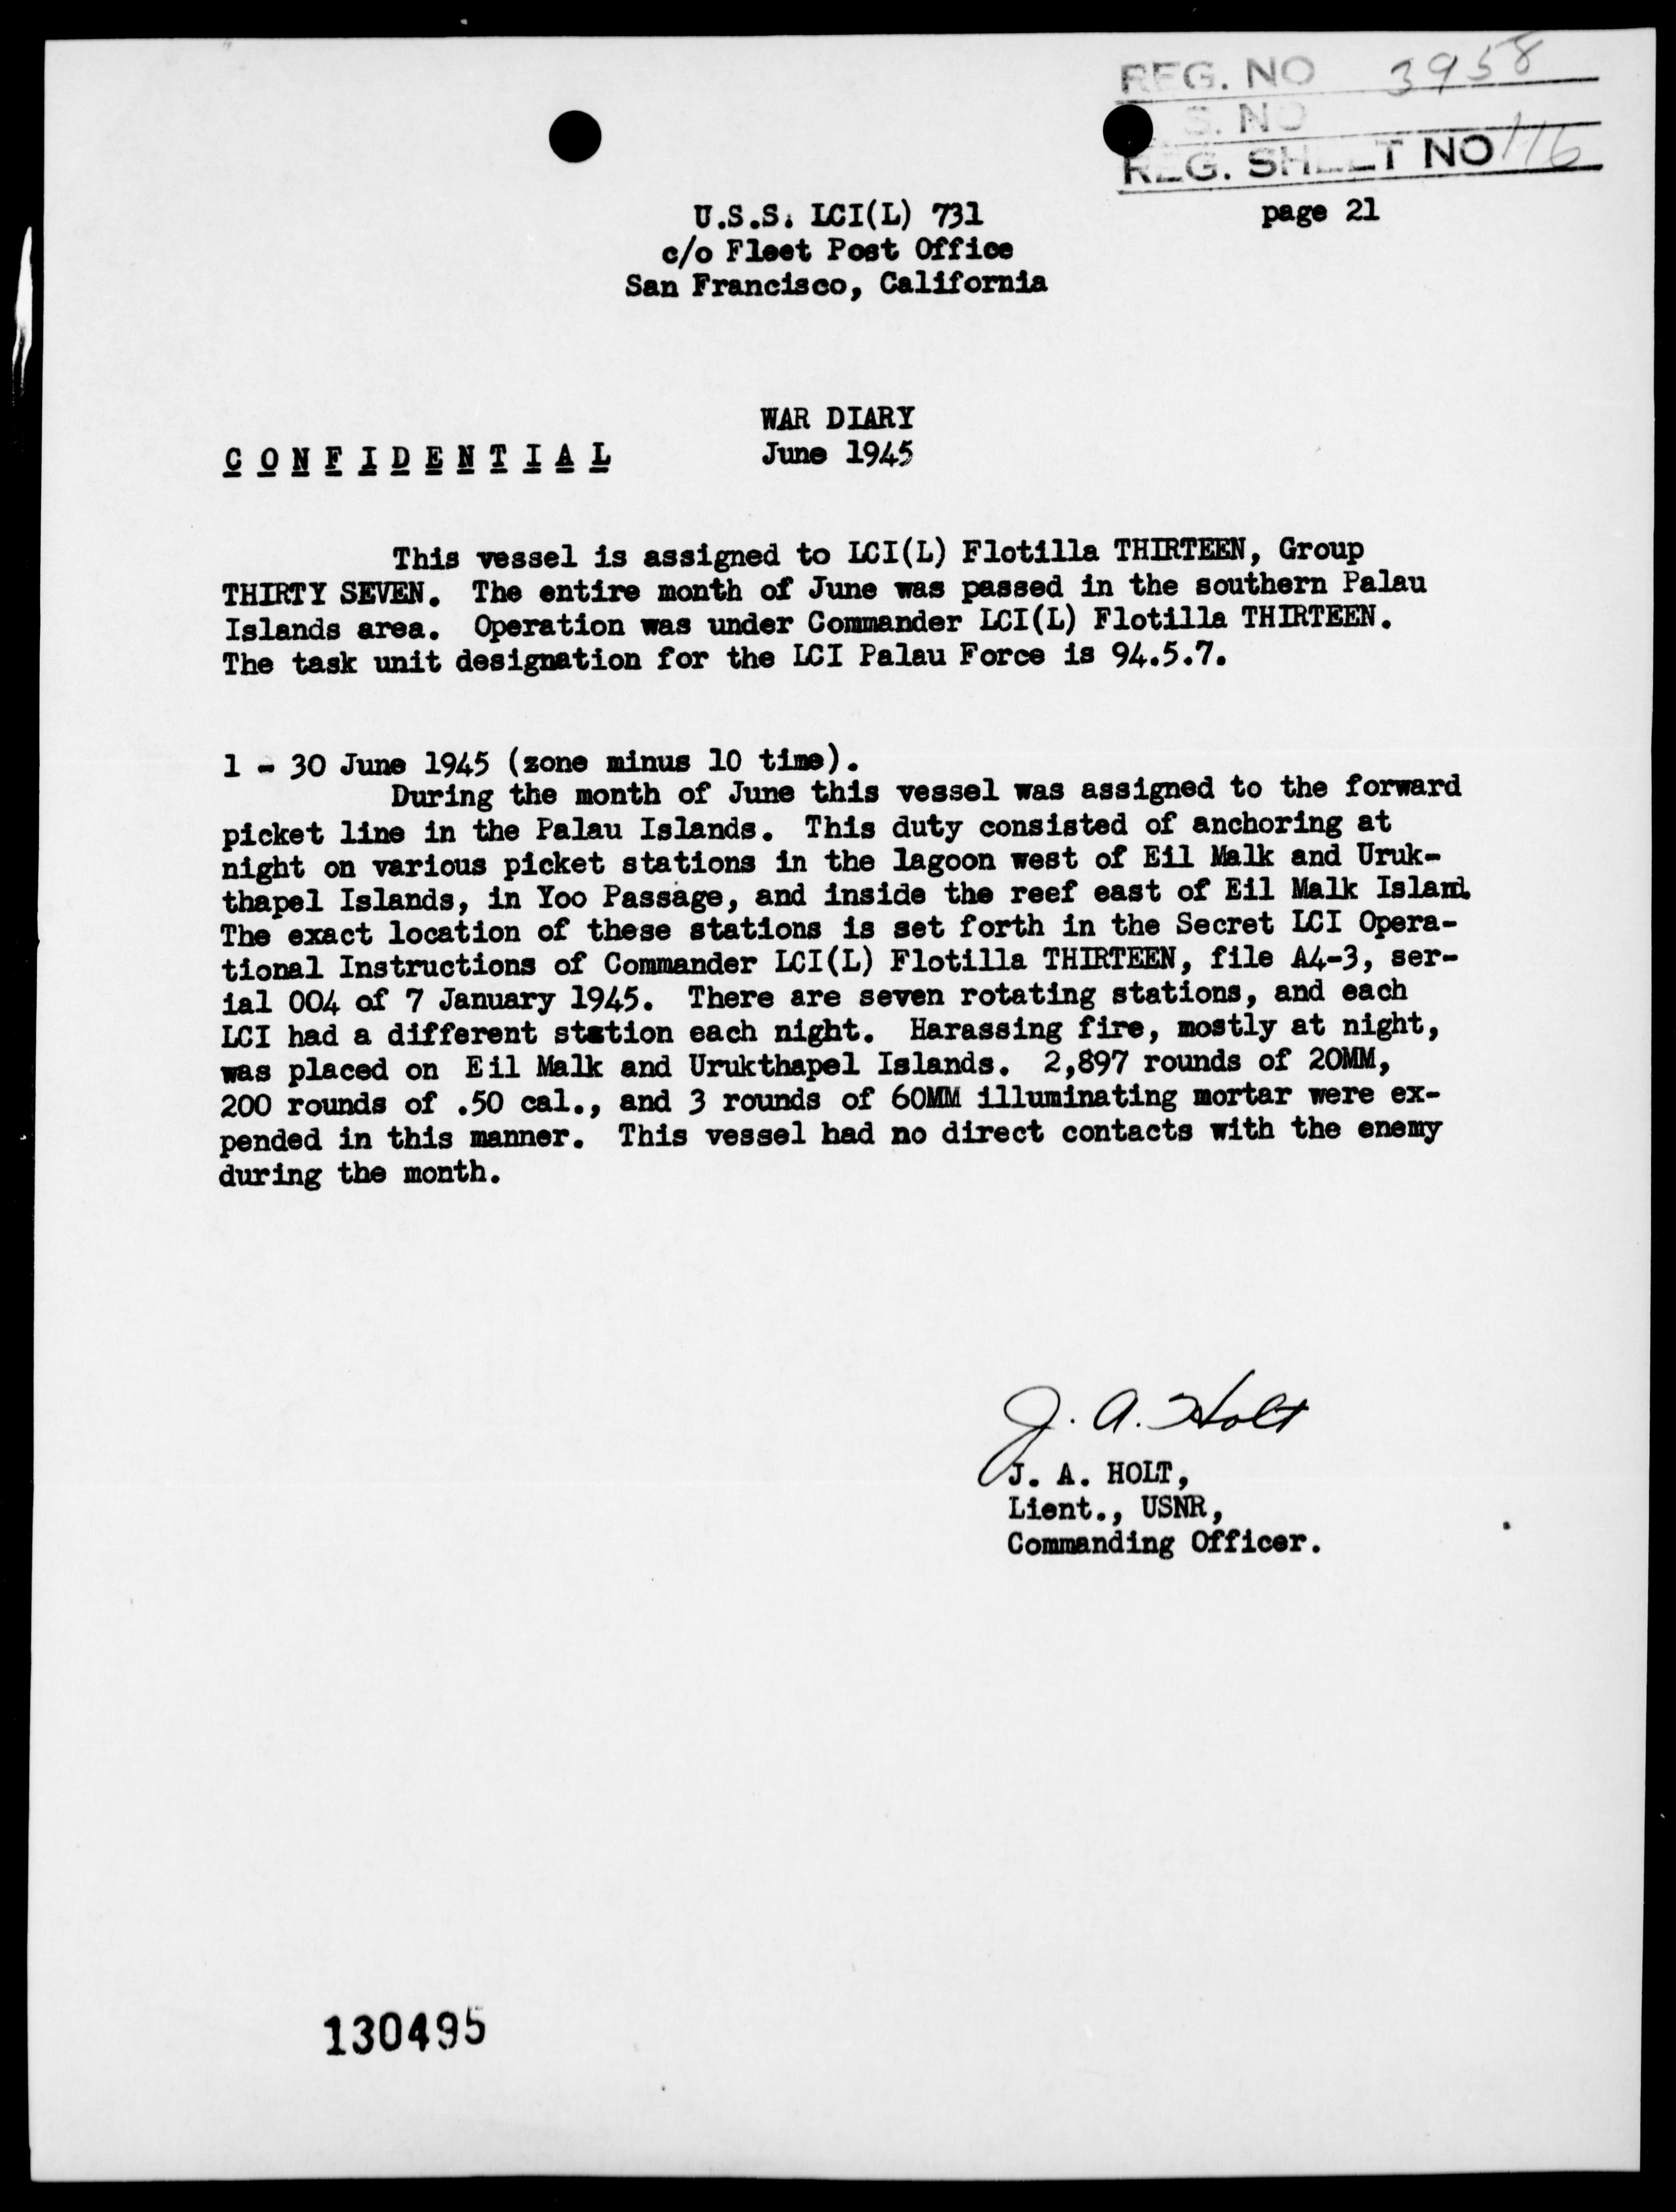 LCI(L)-731 - War Diary, 6/1-30/45